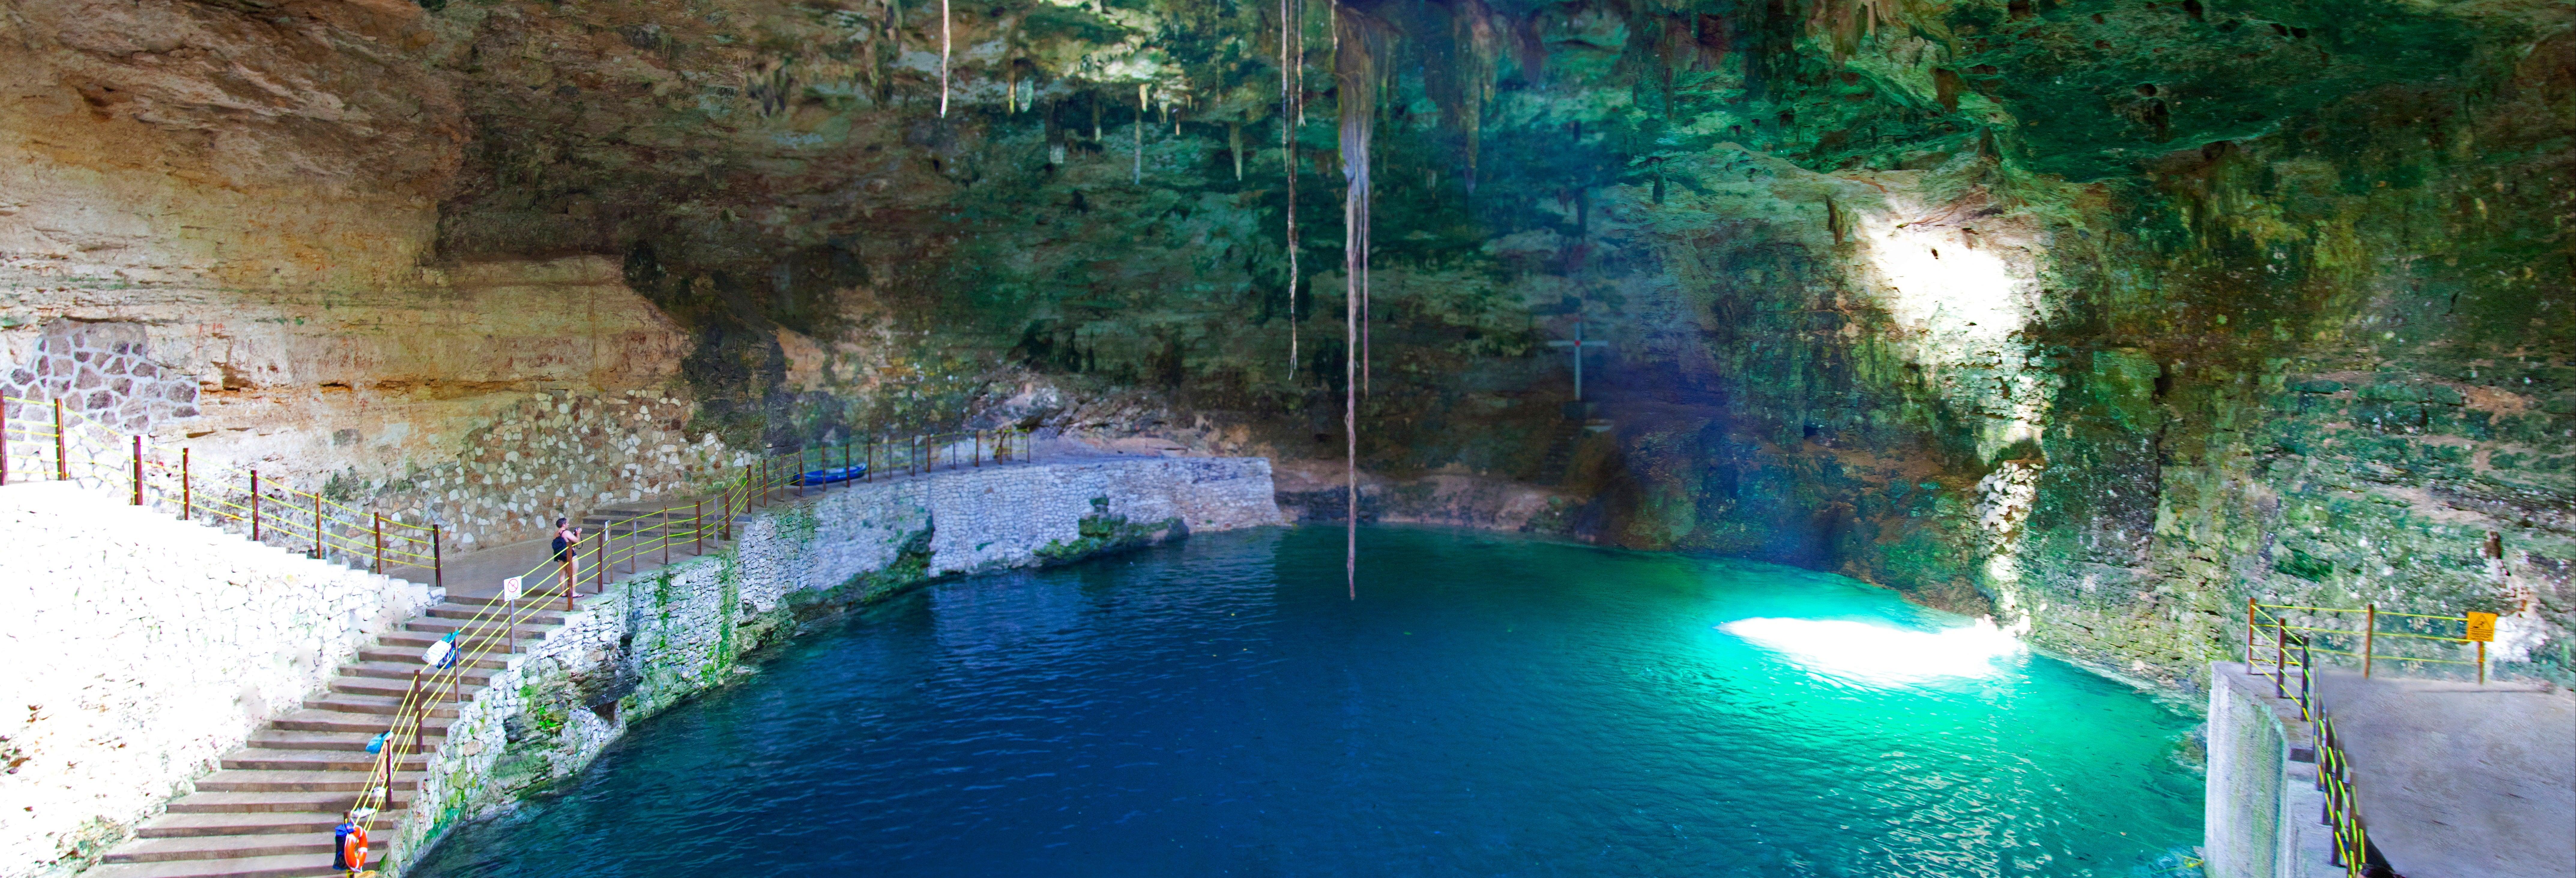 Ingresso do cenote Hubiku e Museu da Tequila Don Tadeo